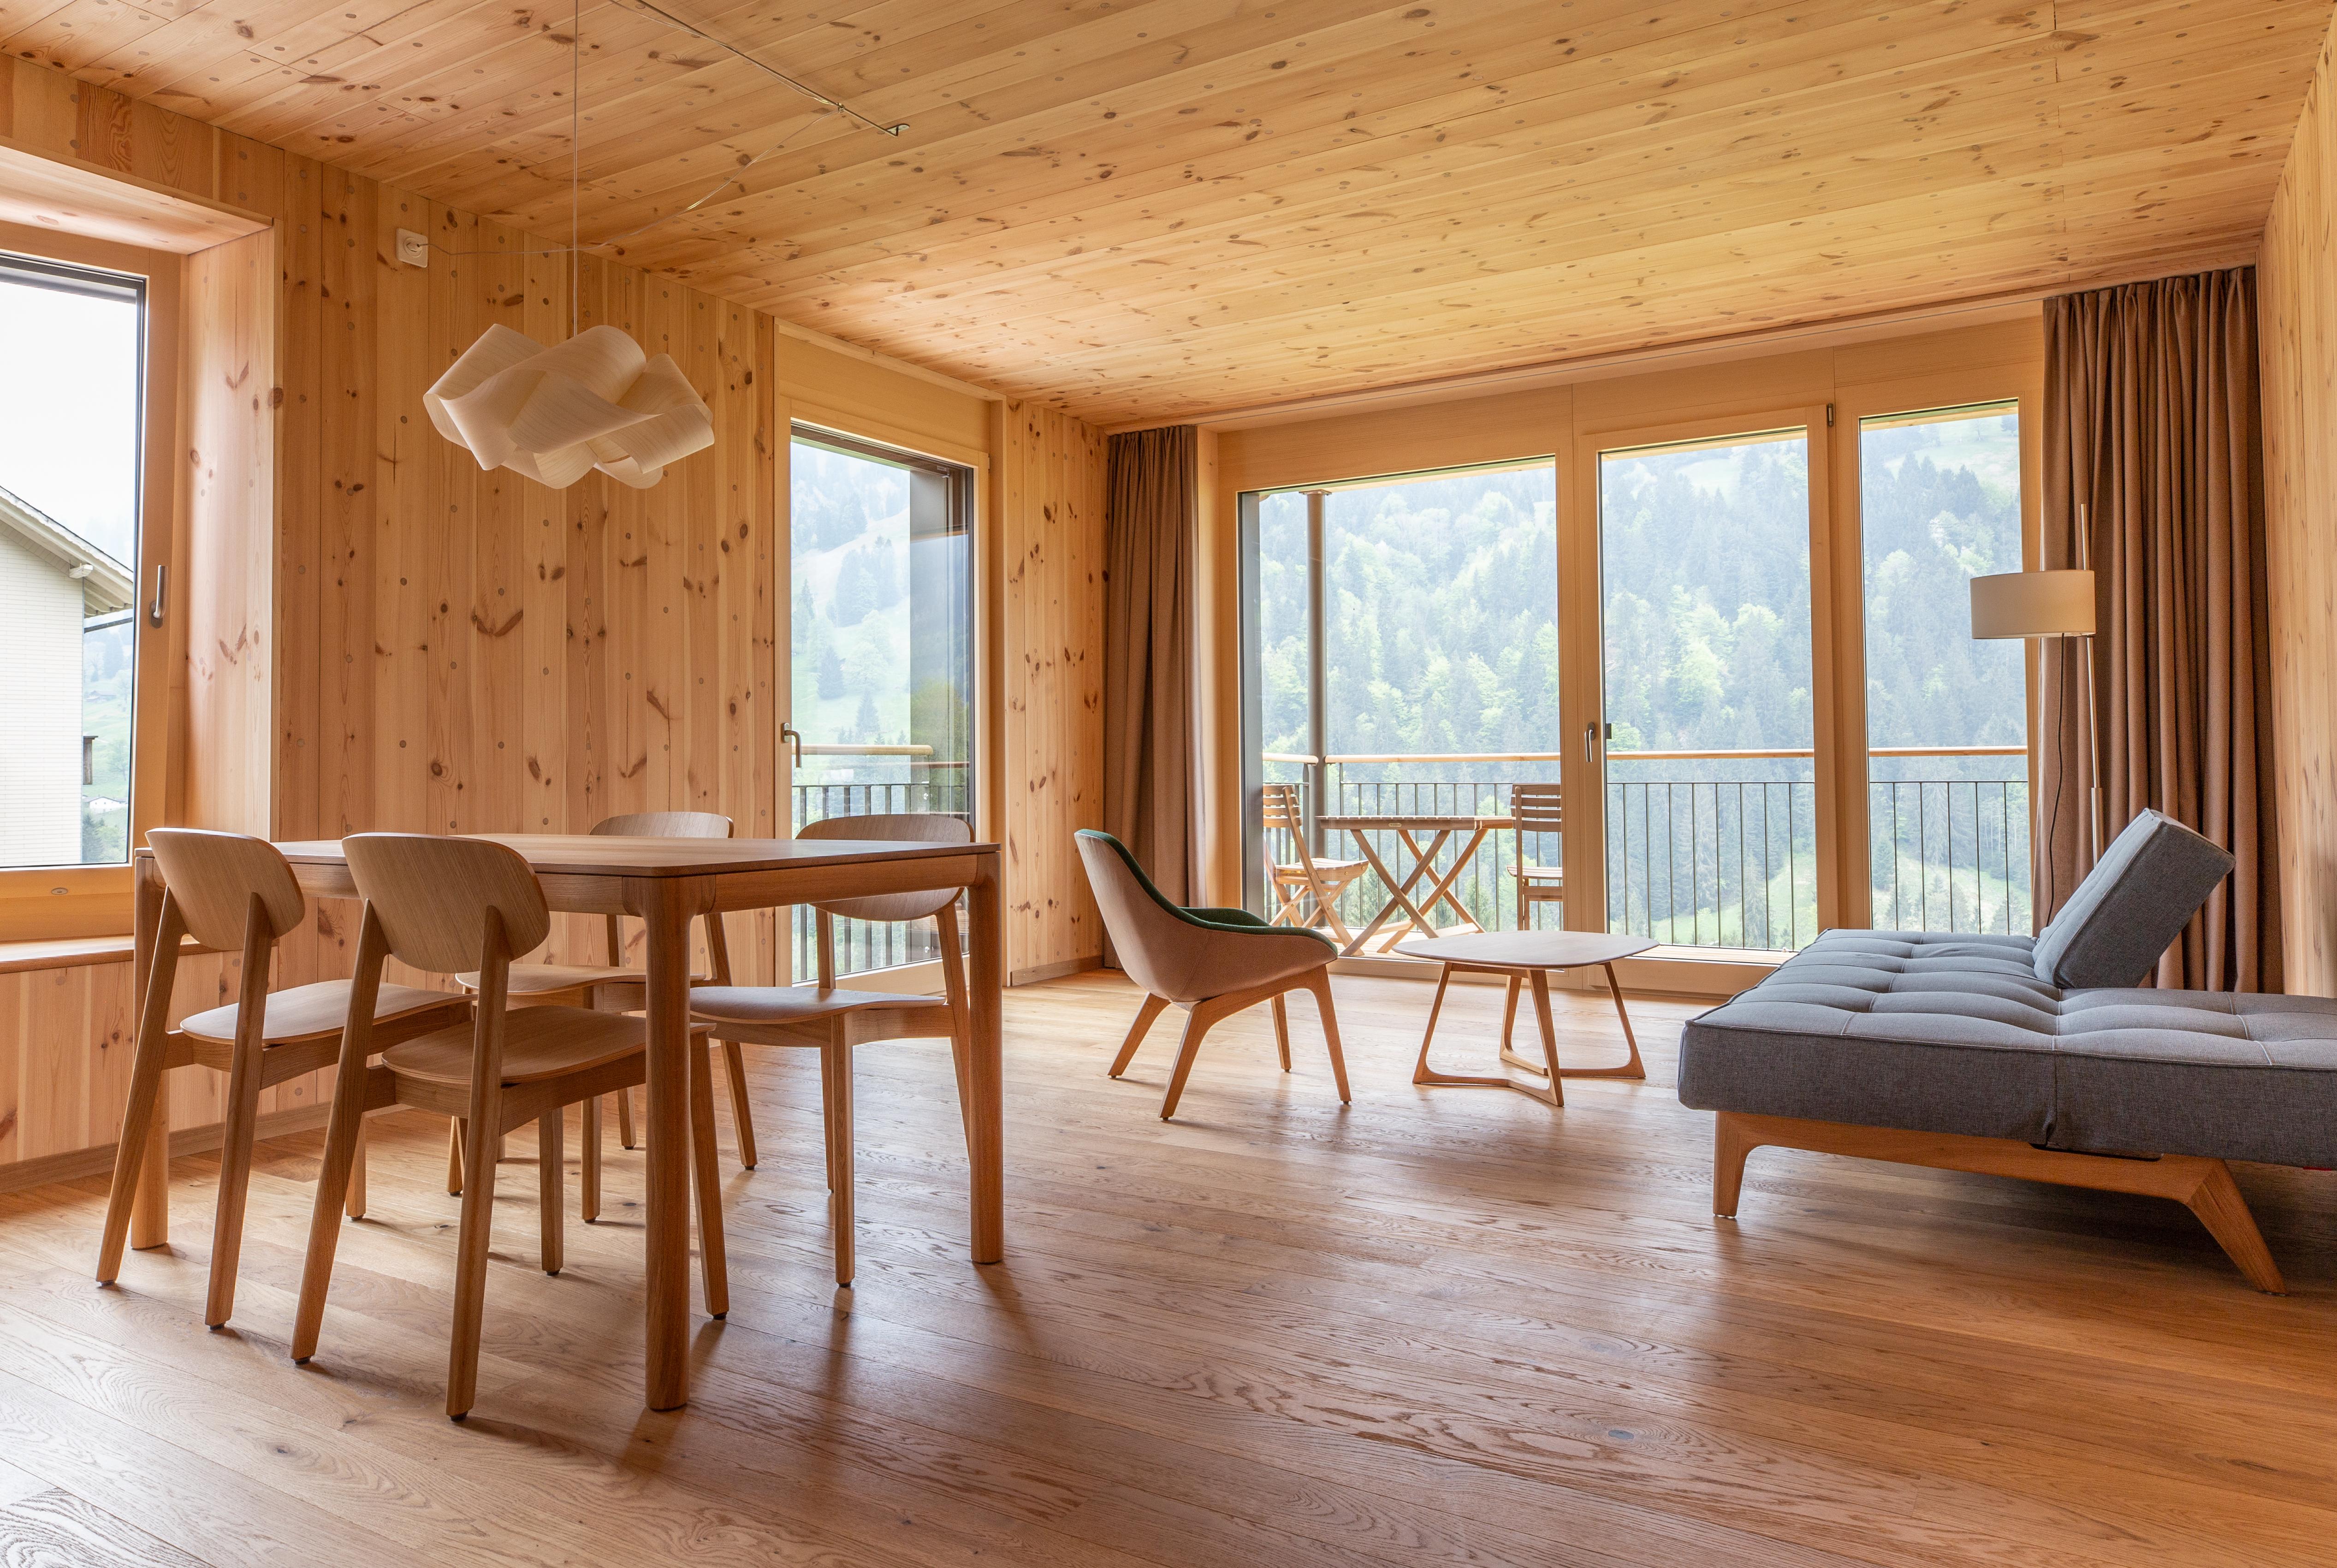 Ferienwohnungen im ChieneHuus in Holz100-Bauweise